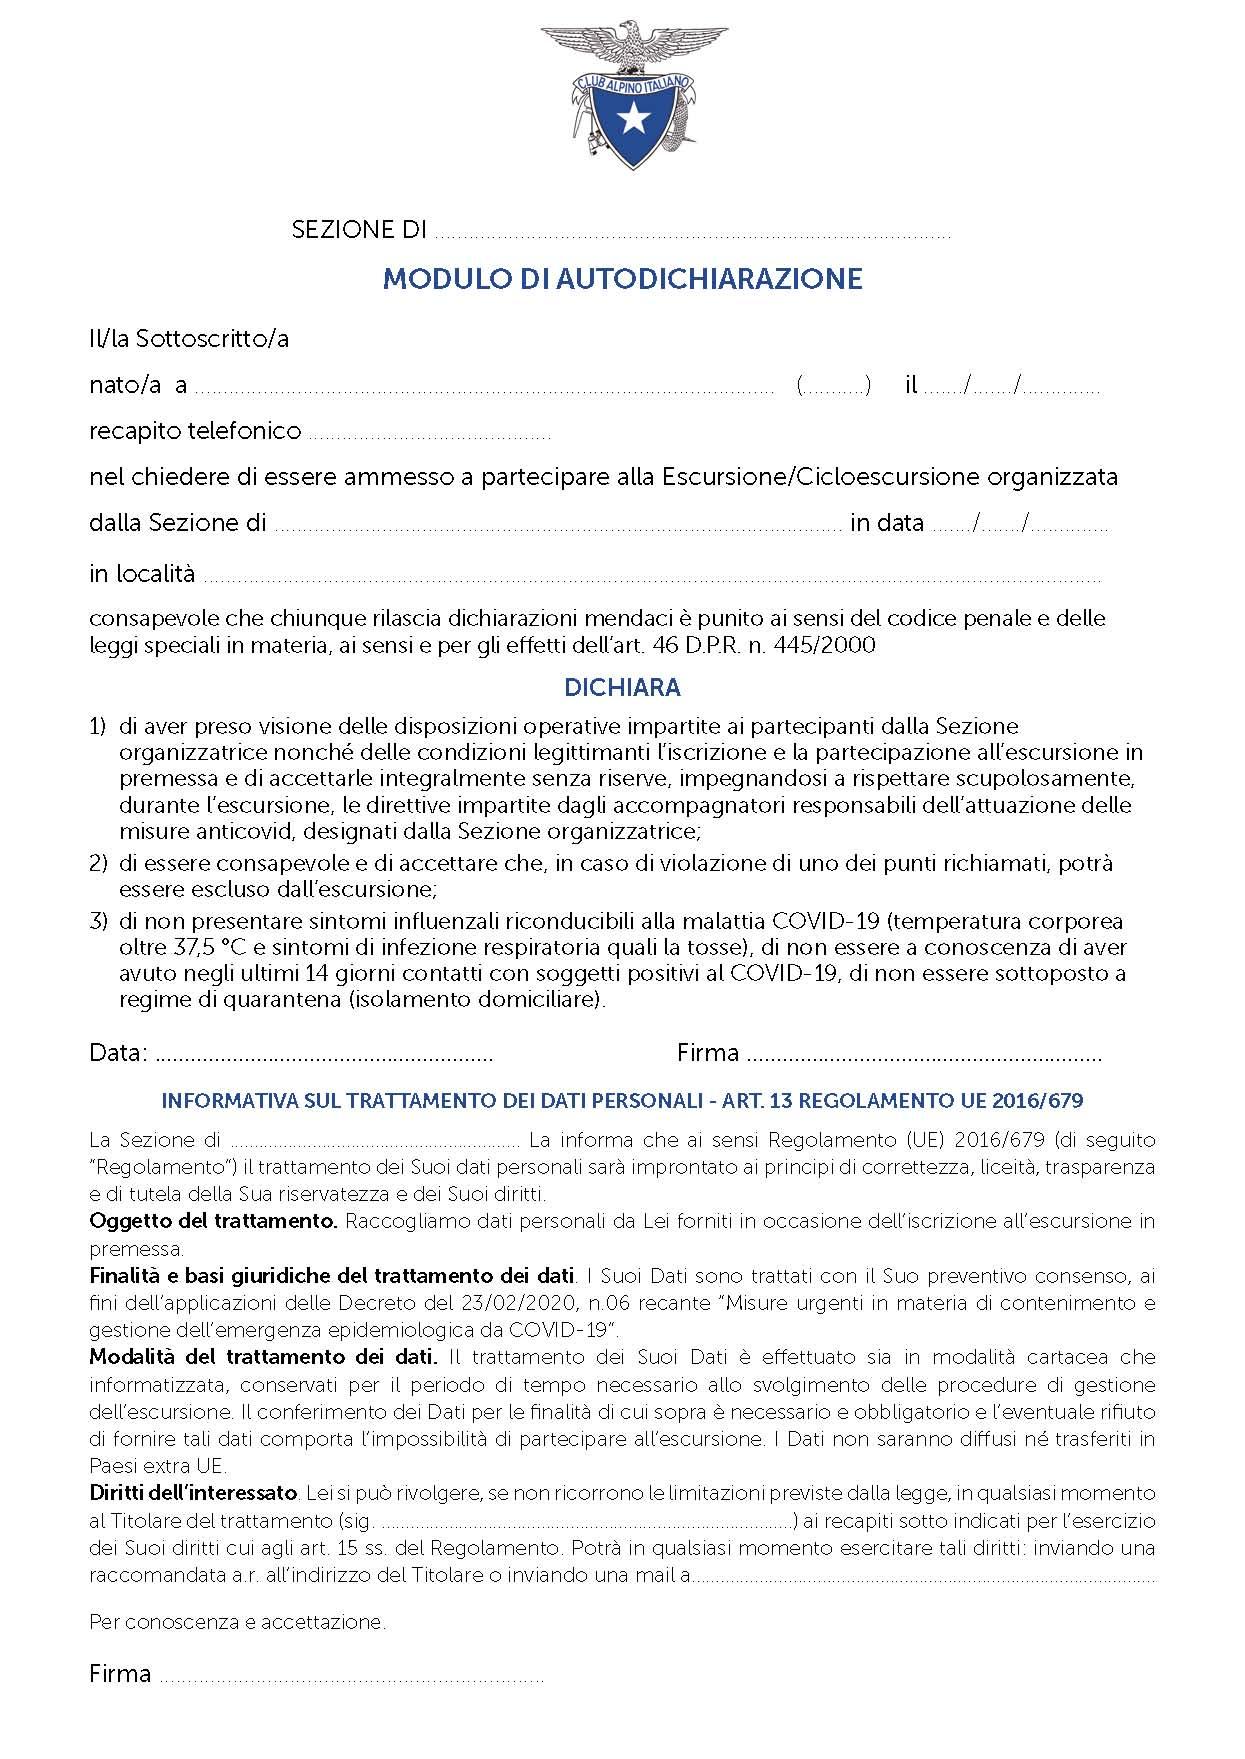 MODELLO DI AUTODICHIARAZIONE PER PARTECIPAZIONE ALLE ESCURSIONI